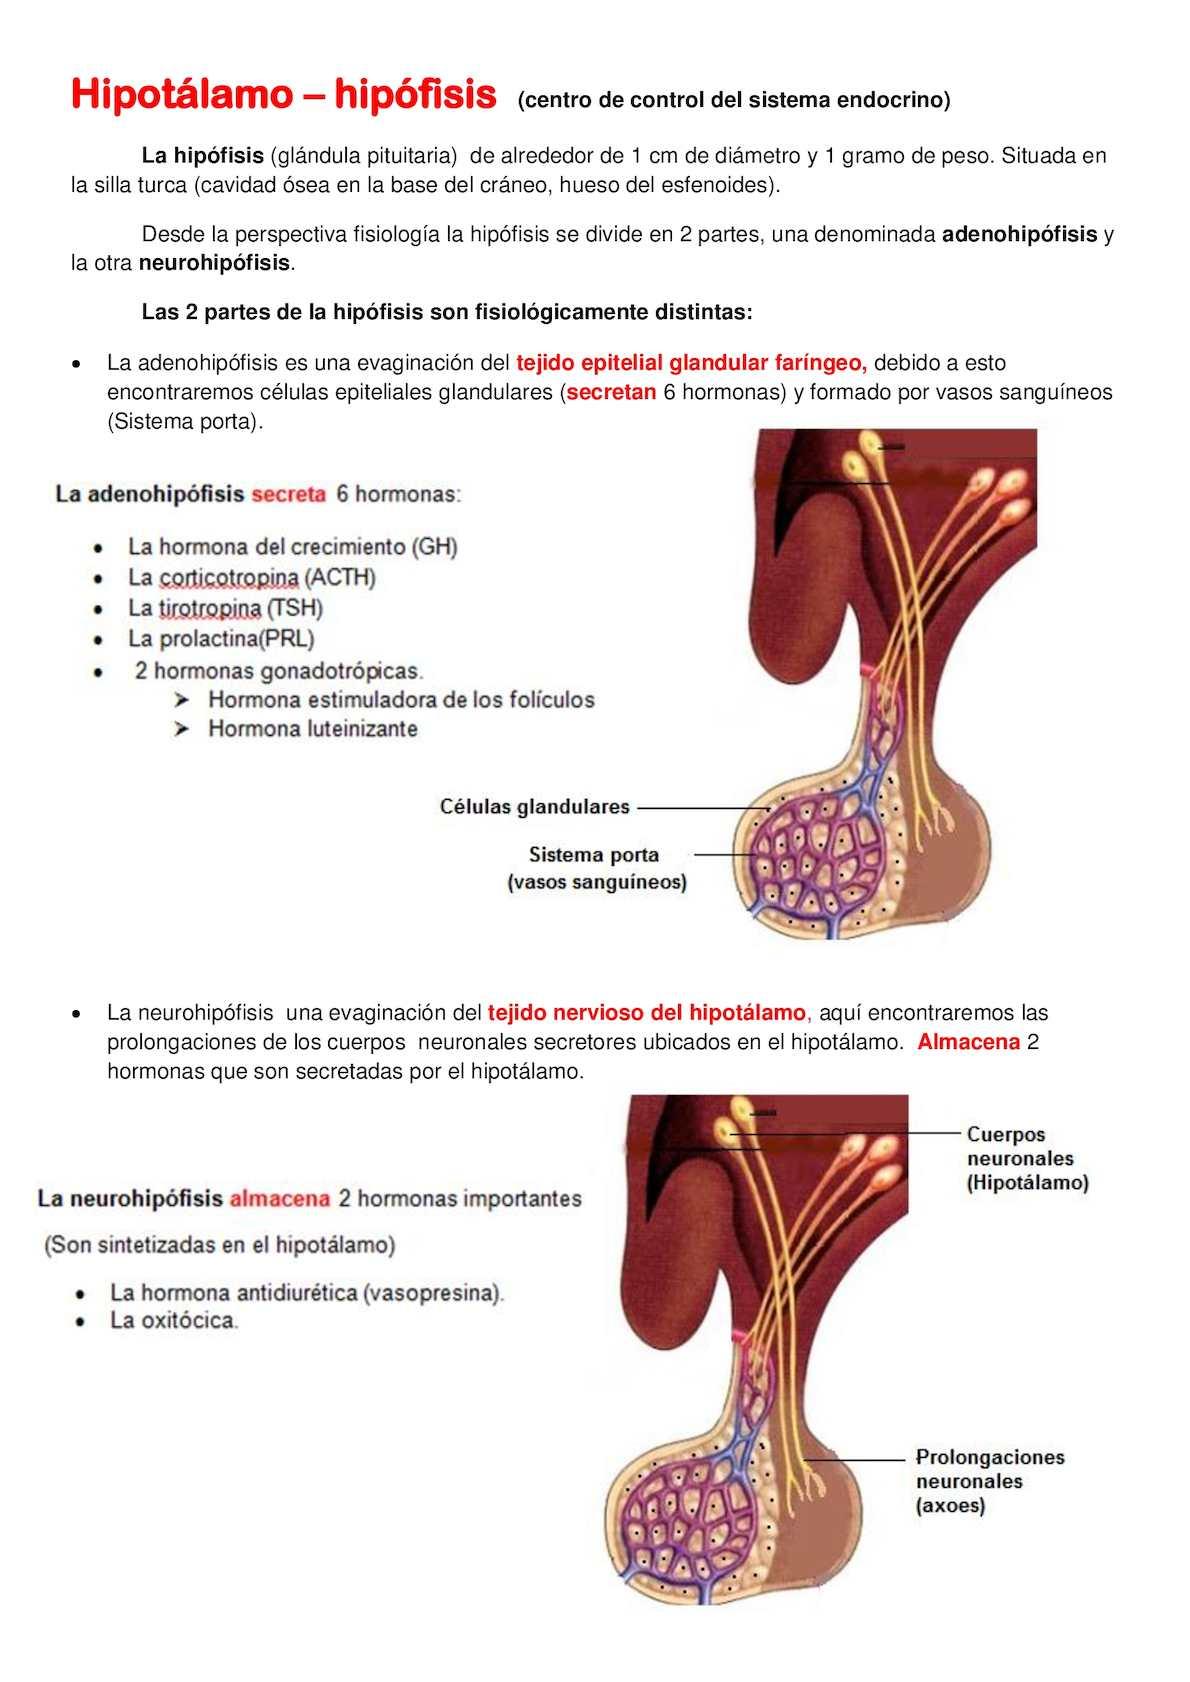 Perfecto Anatomía Silla Turca Regalo - Imágenes de Anatomía Humana ...